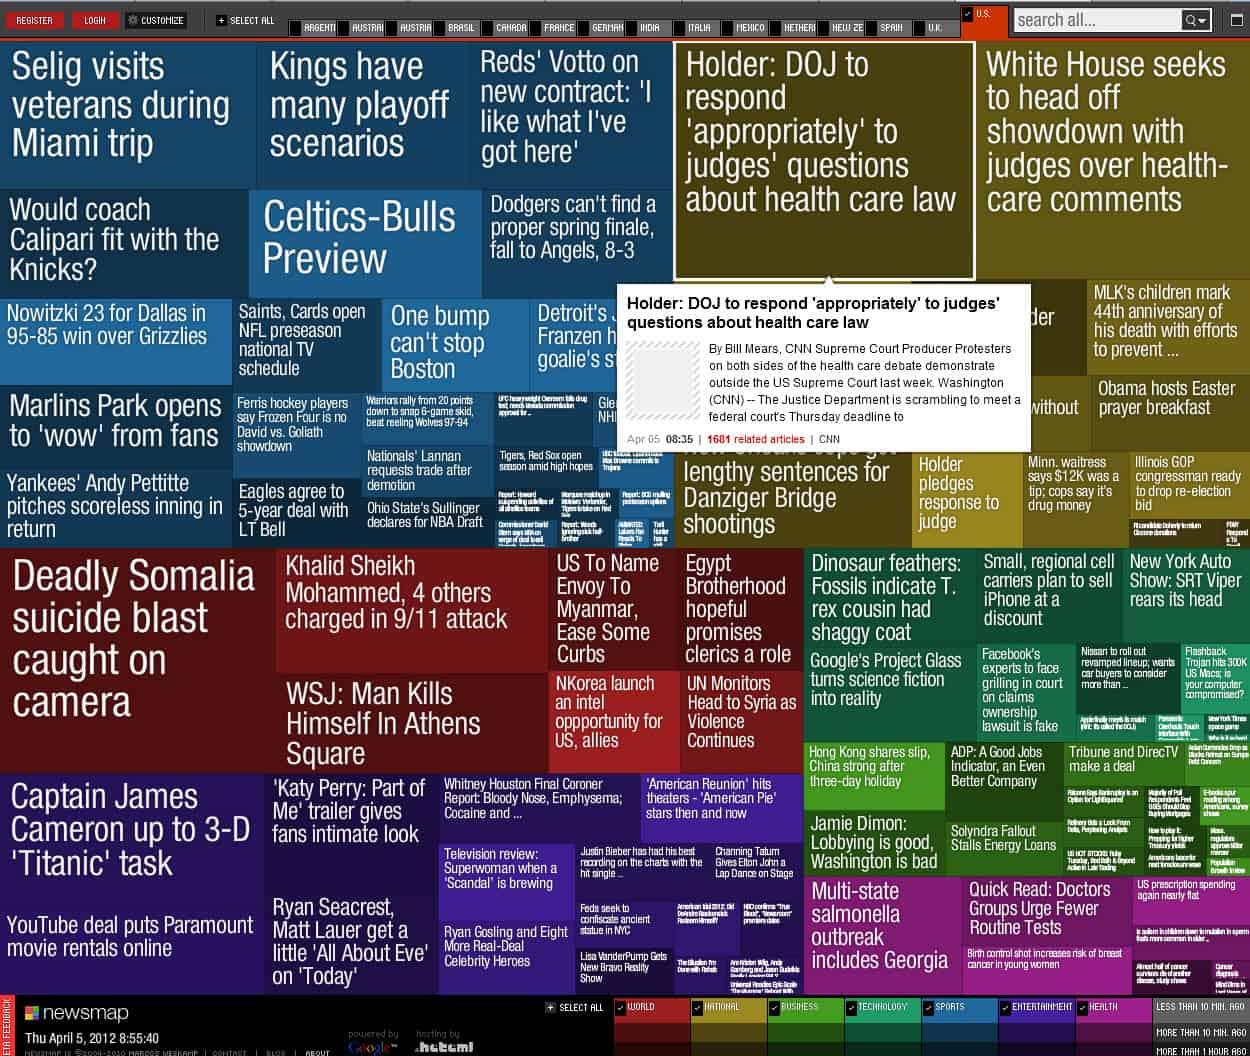 Newsmap, A Google News Visualization - gHacks Tech News